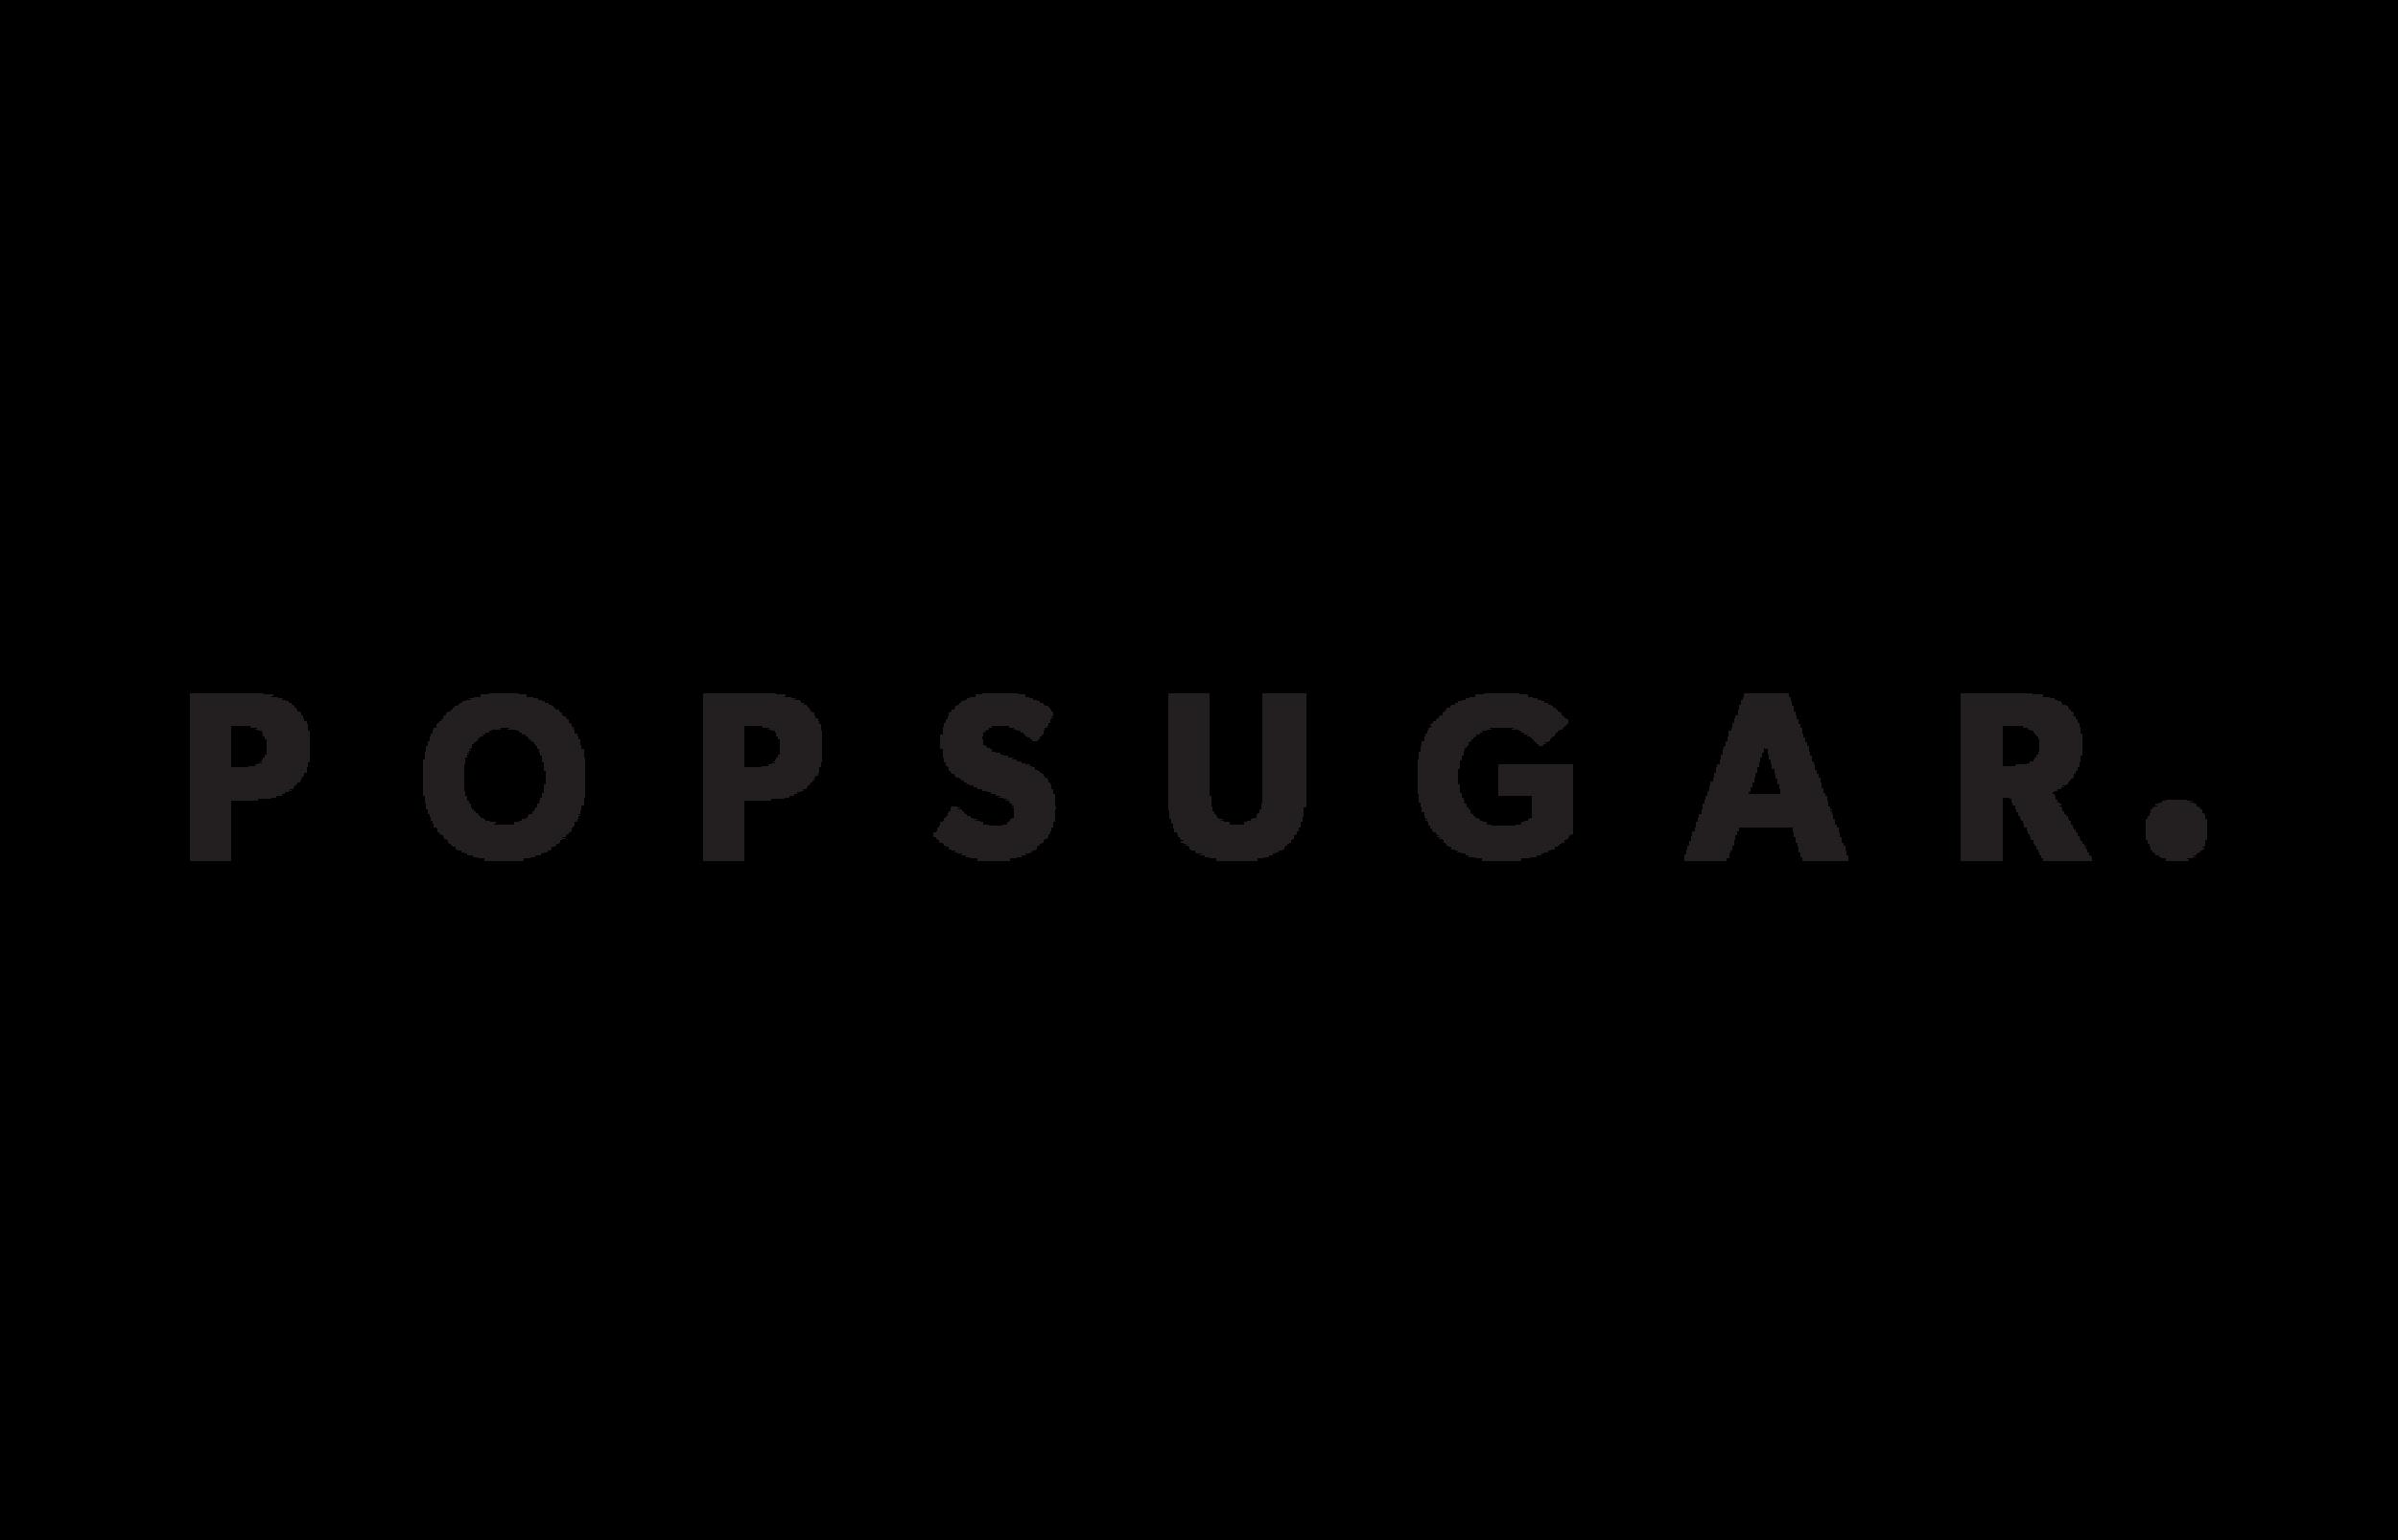 popsugarlogo-01.png